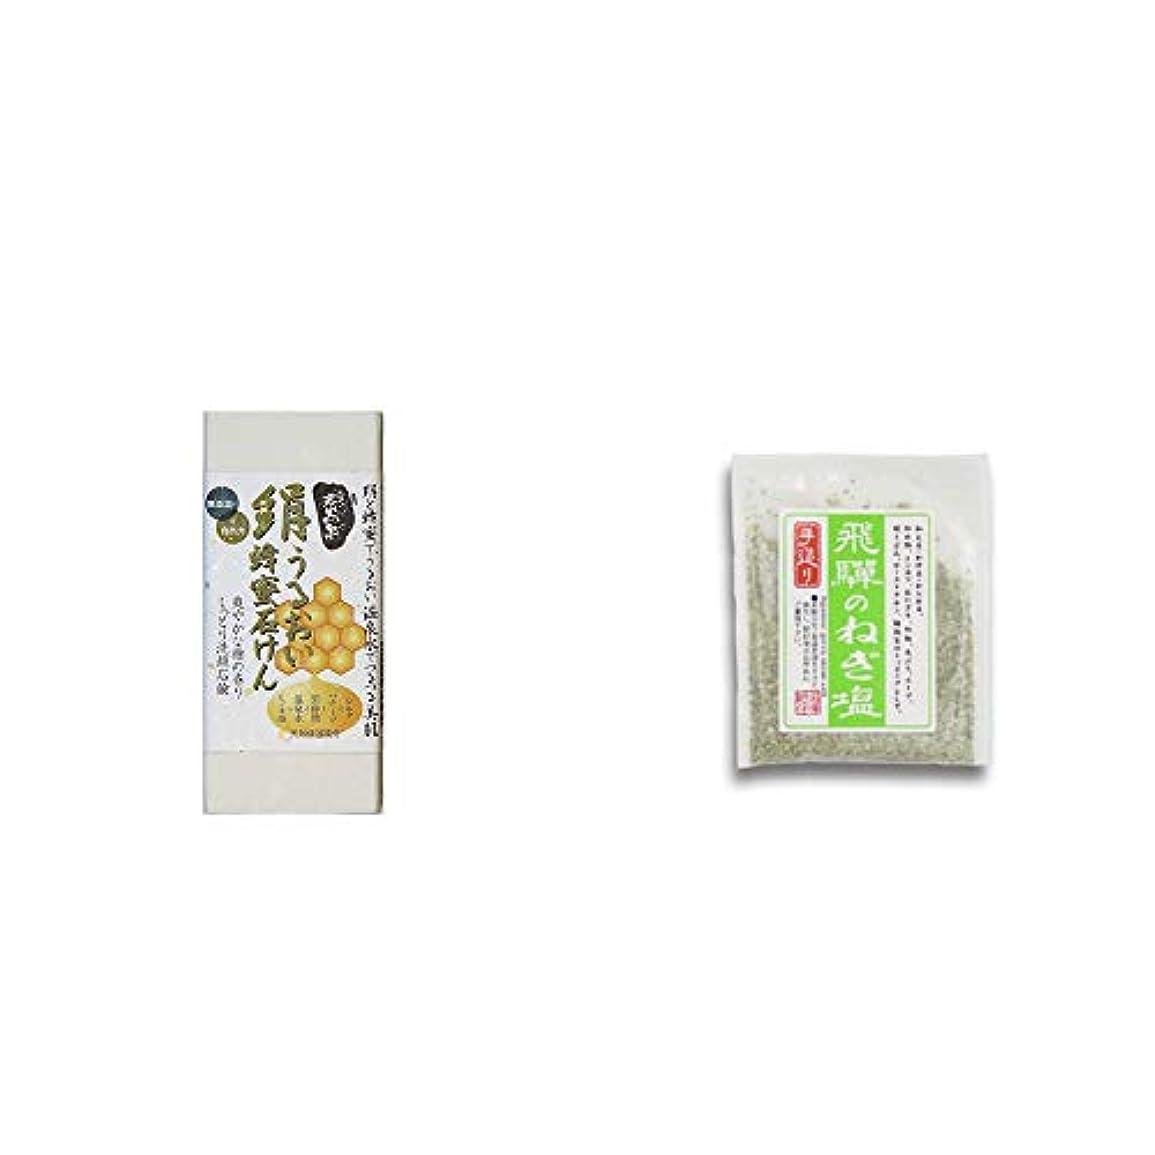 王朝定期的に簡単に[2点セット] ひのき炭黒泉 絹うるおい蜂蜜石けん(75g×2)?手造り 飛騨のねぎ塩(40g)